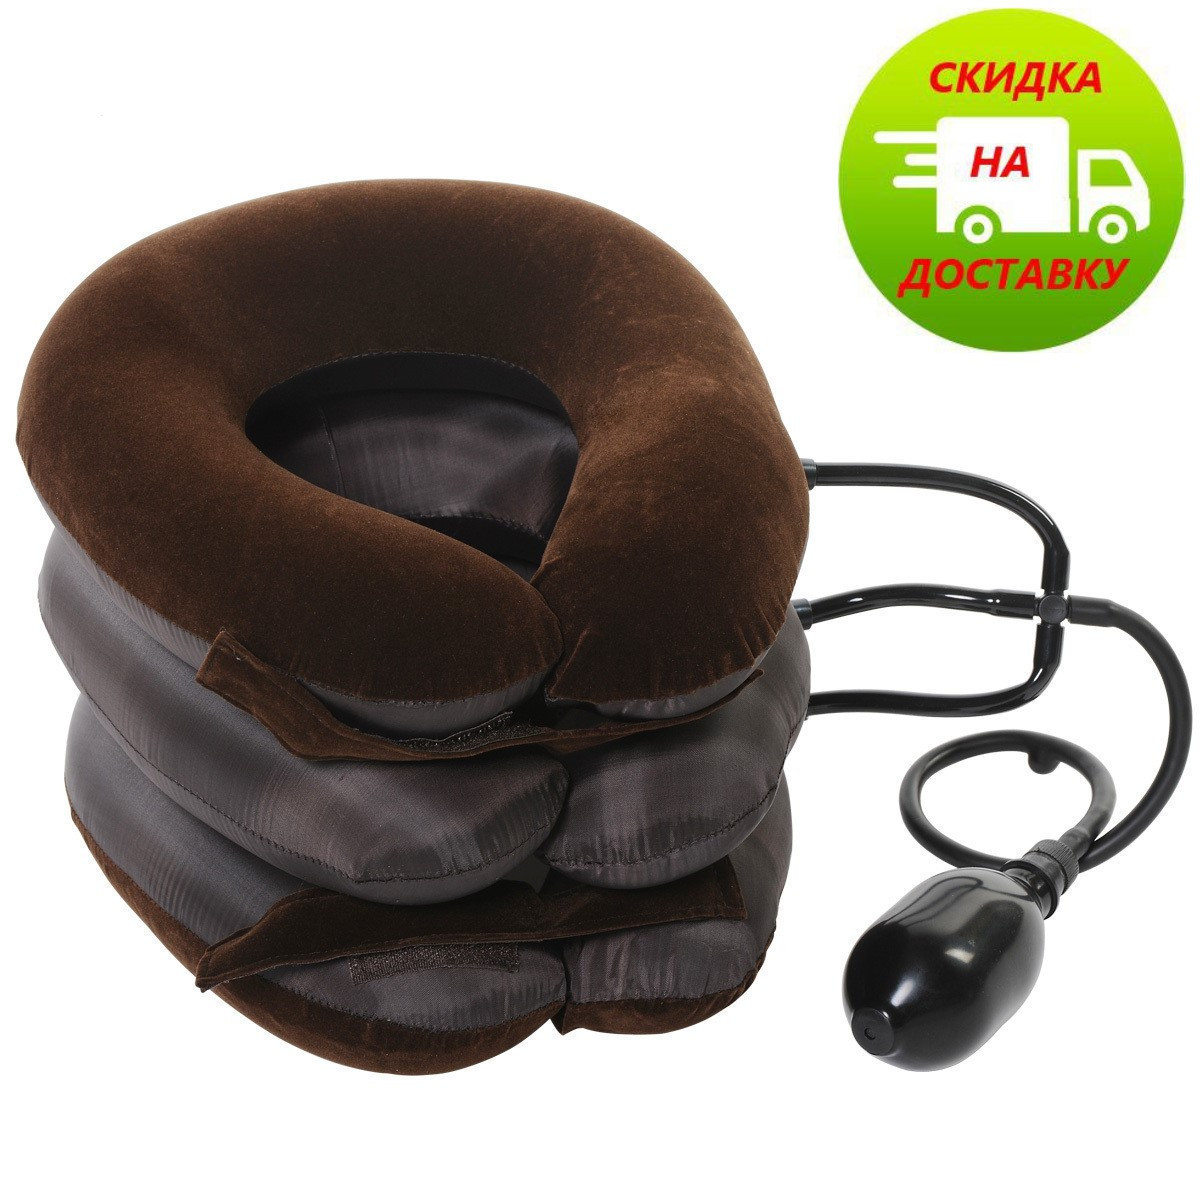 Надувная подушка для шеи Tractors For Cervical Spine | ортопедический воротник